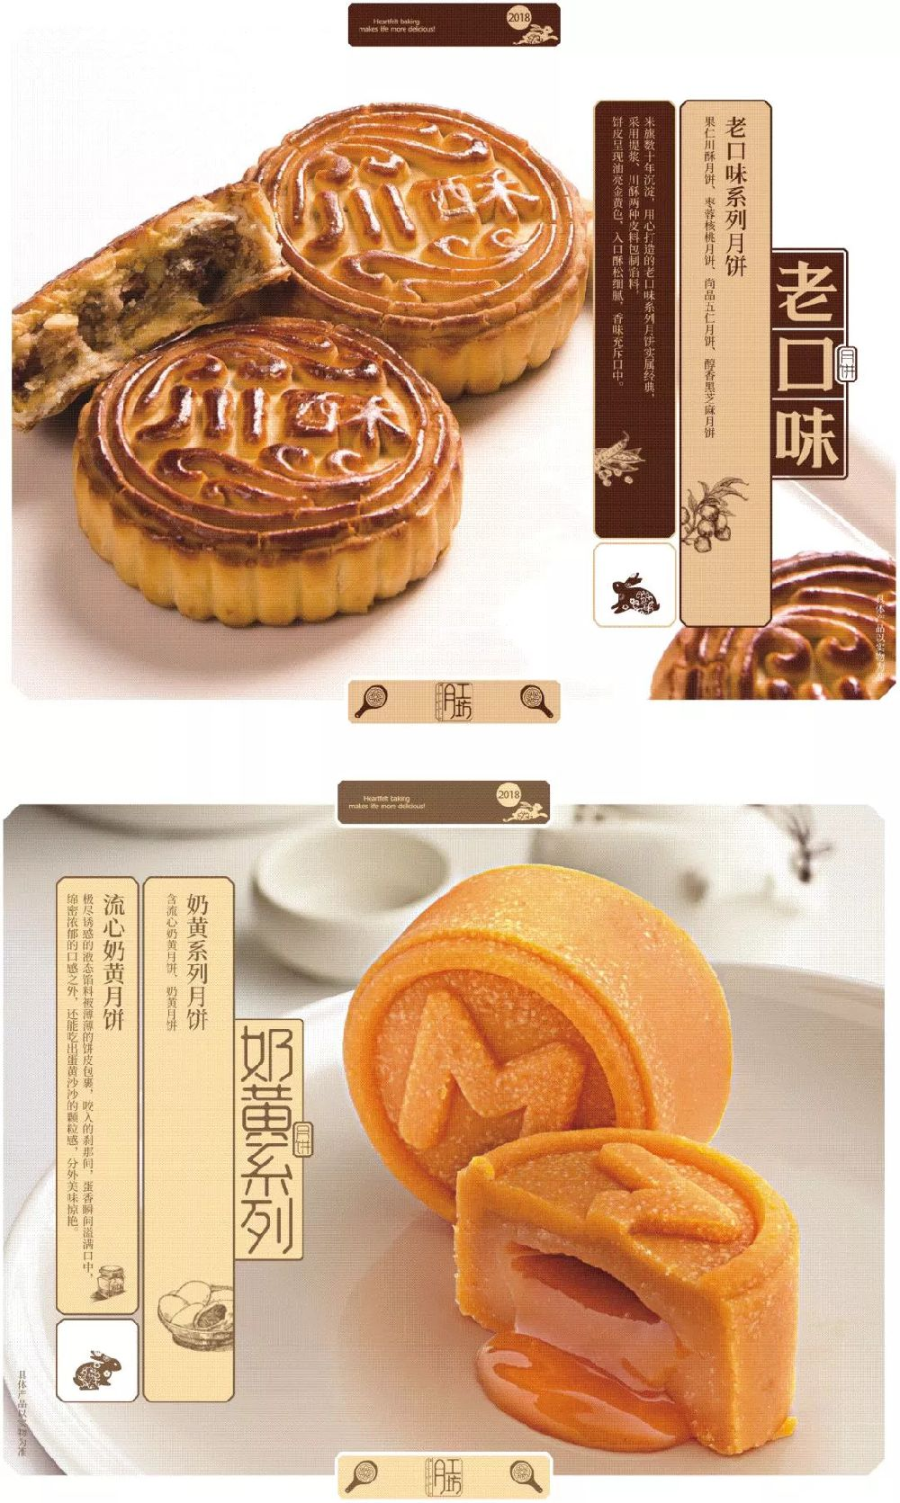 2018长春各大品牌月饼介绍 哪家最强?